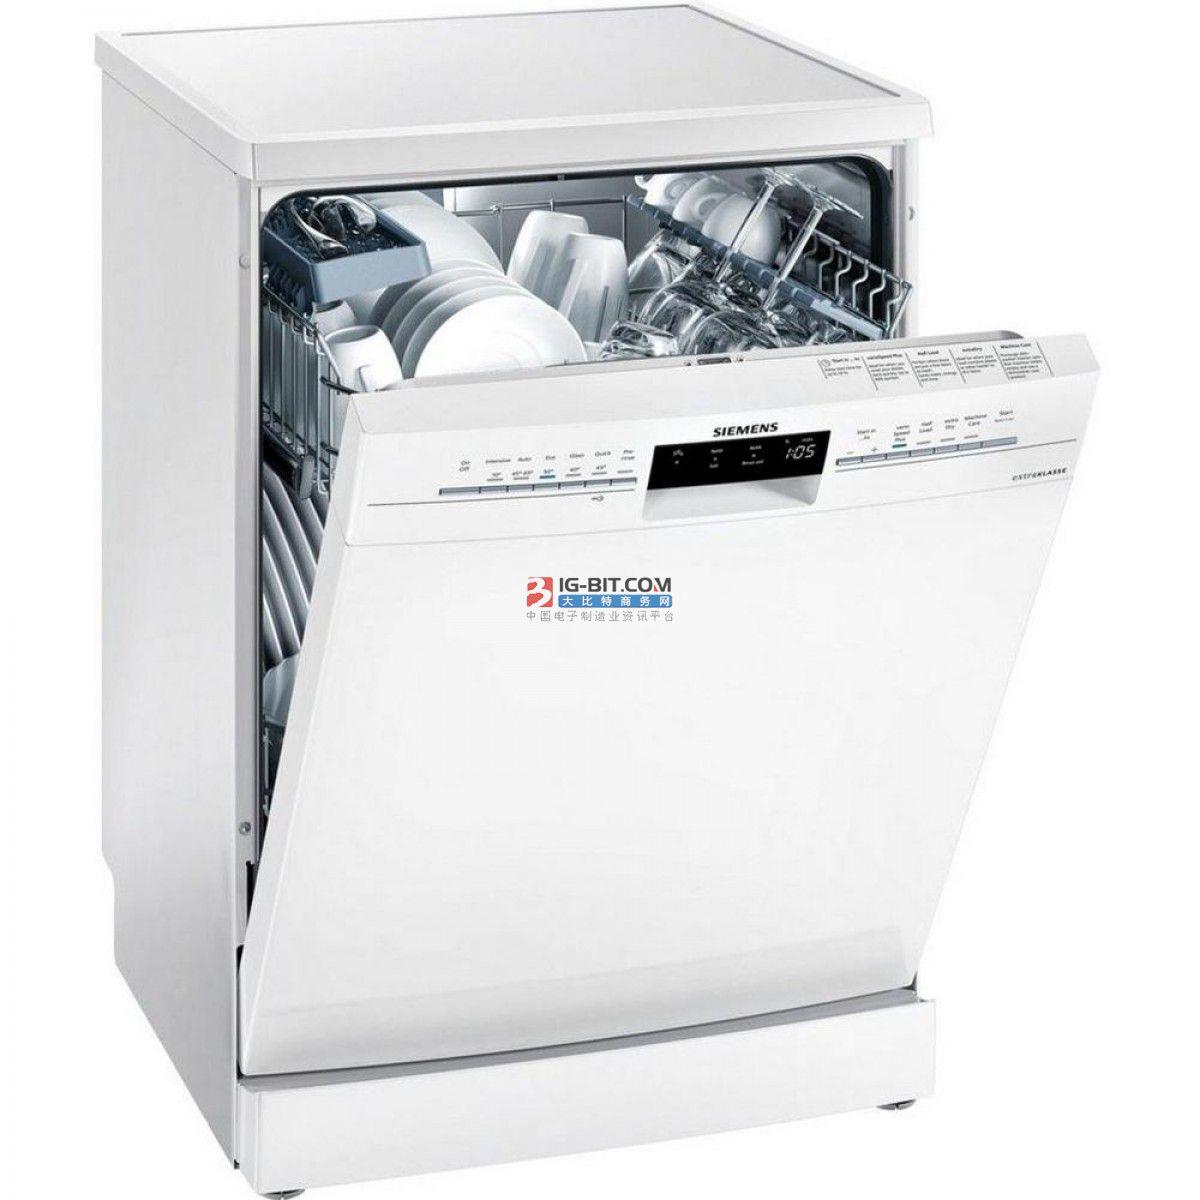 健康家電備受關注,洗碗機借勢上漲